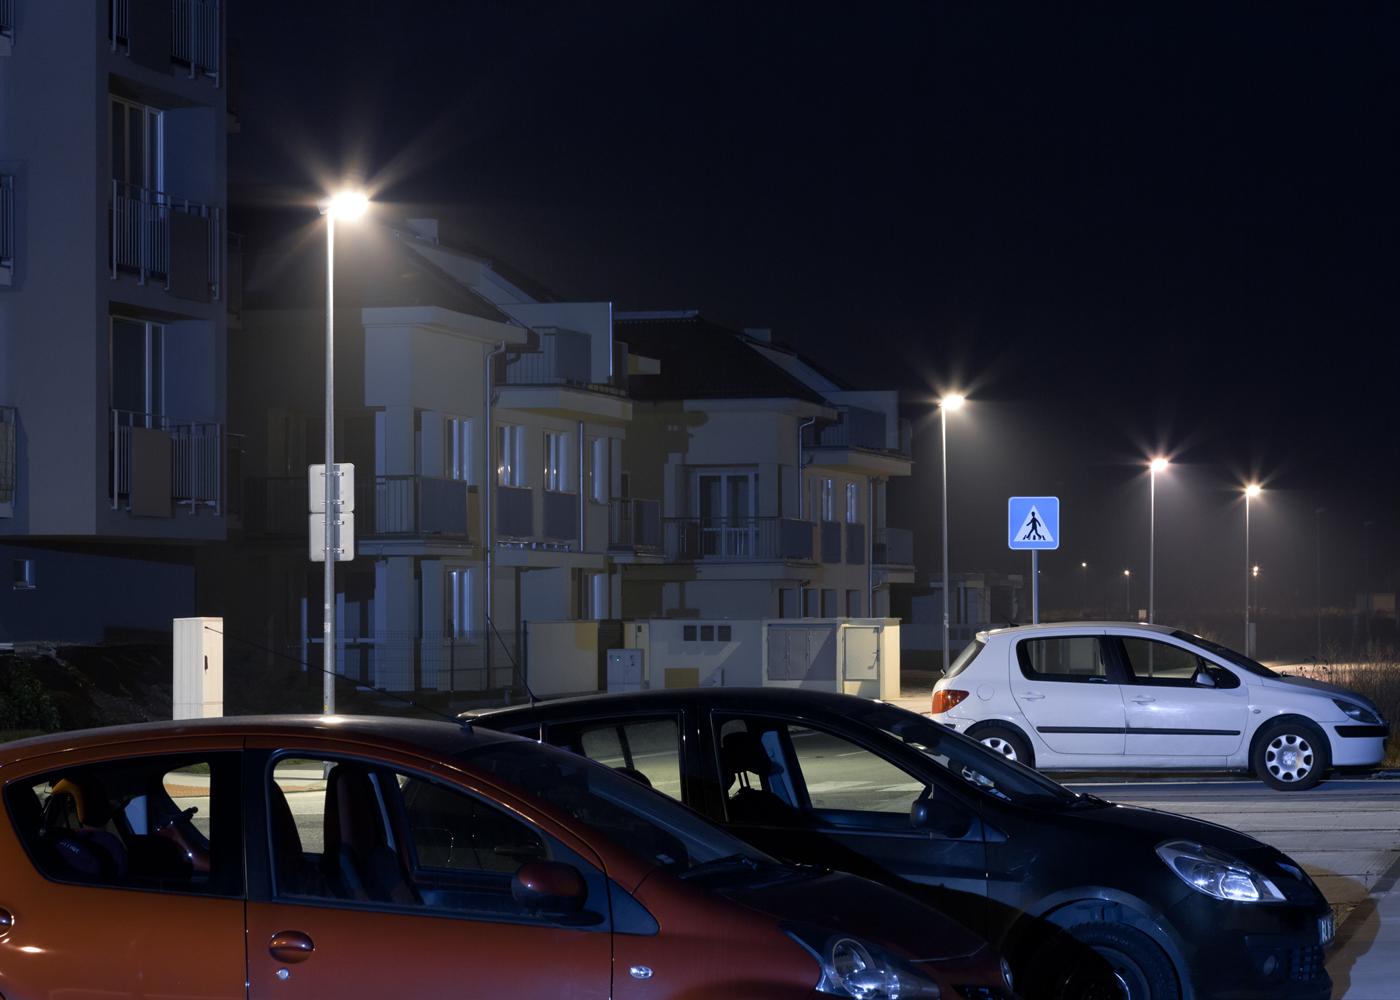 店舗や施設の屋外駐車場を照らす